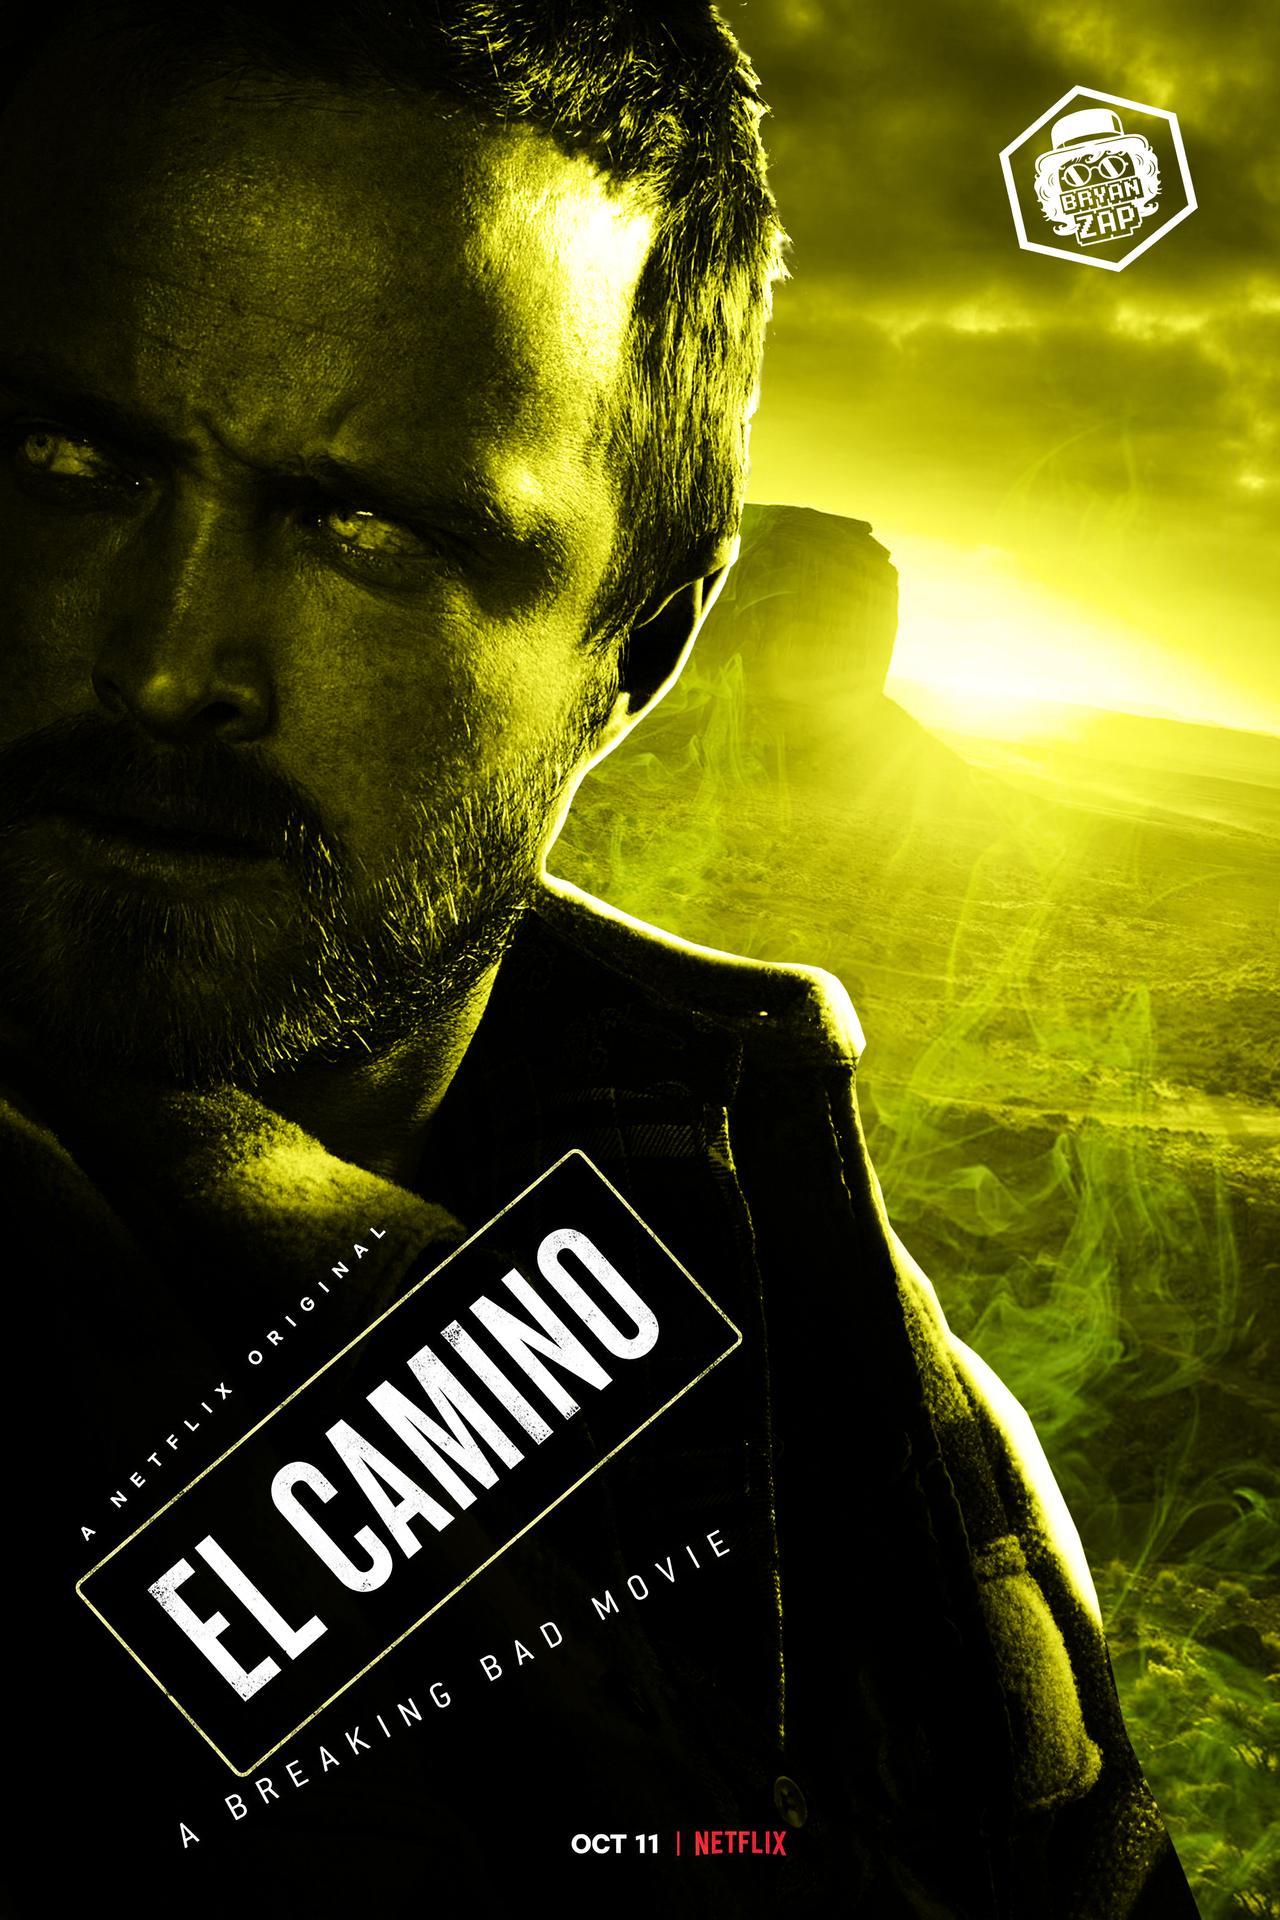 El Camino: A Breaking Bad - Movie - 2019